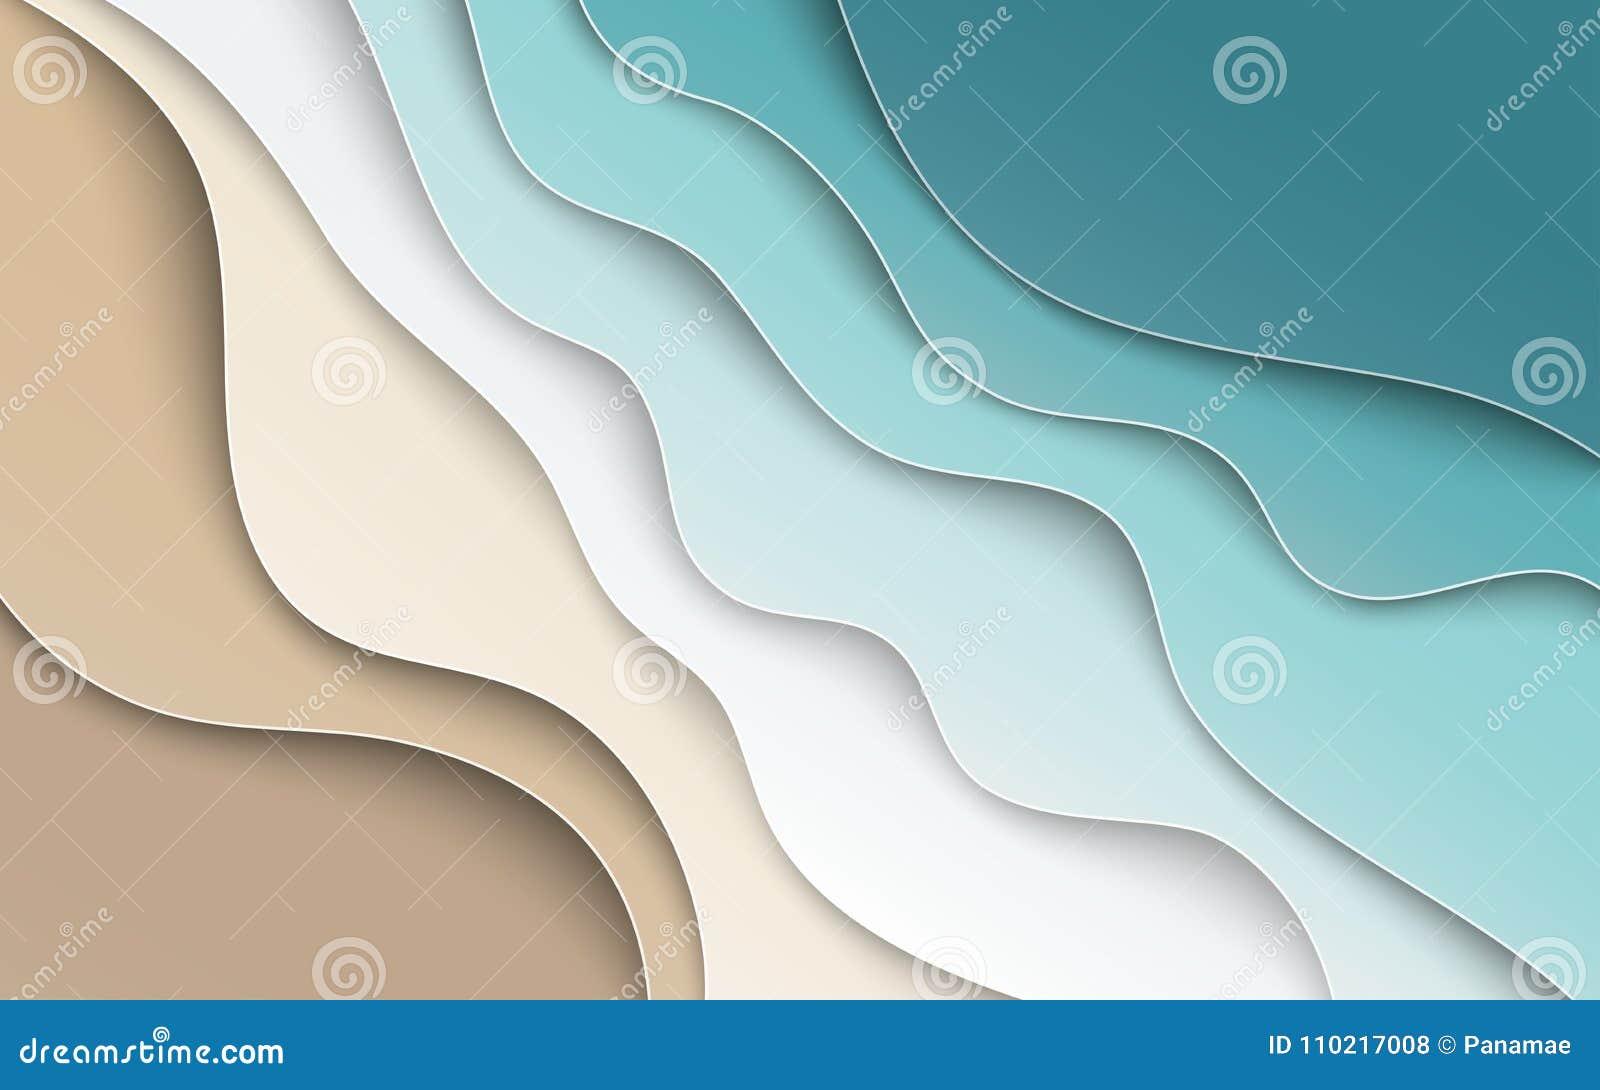 Fondo azul abstracto del verano del mar y de la playa con el papel de la curva